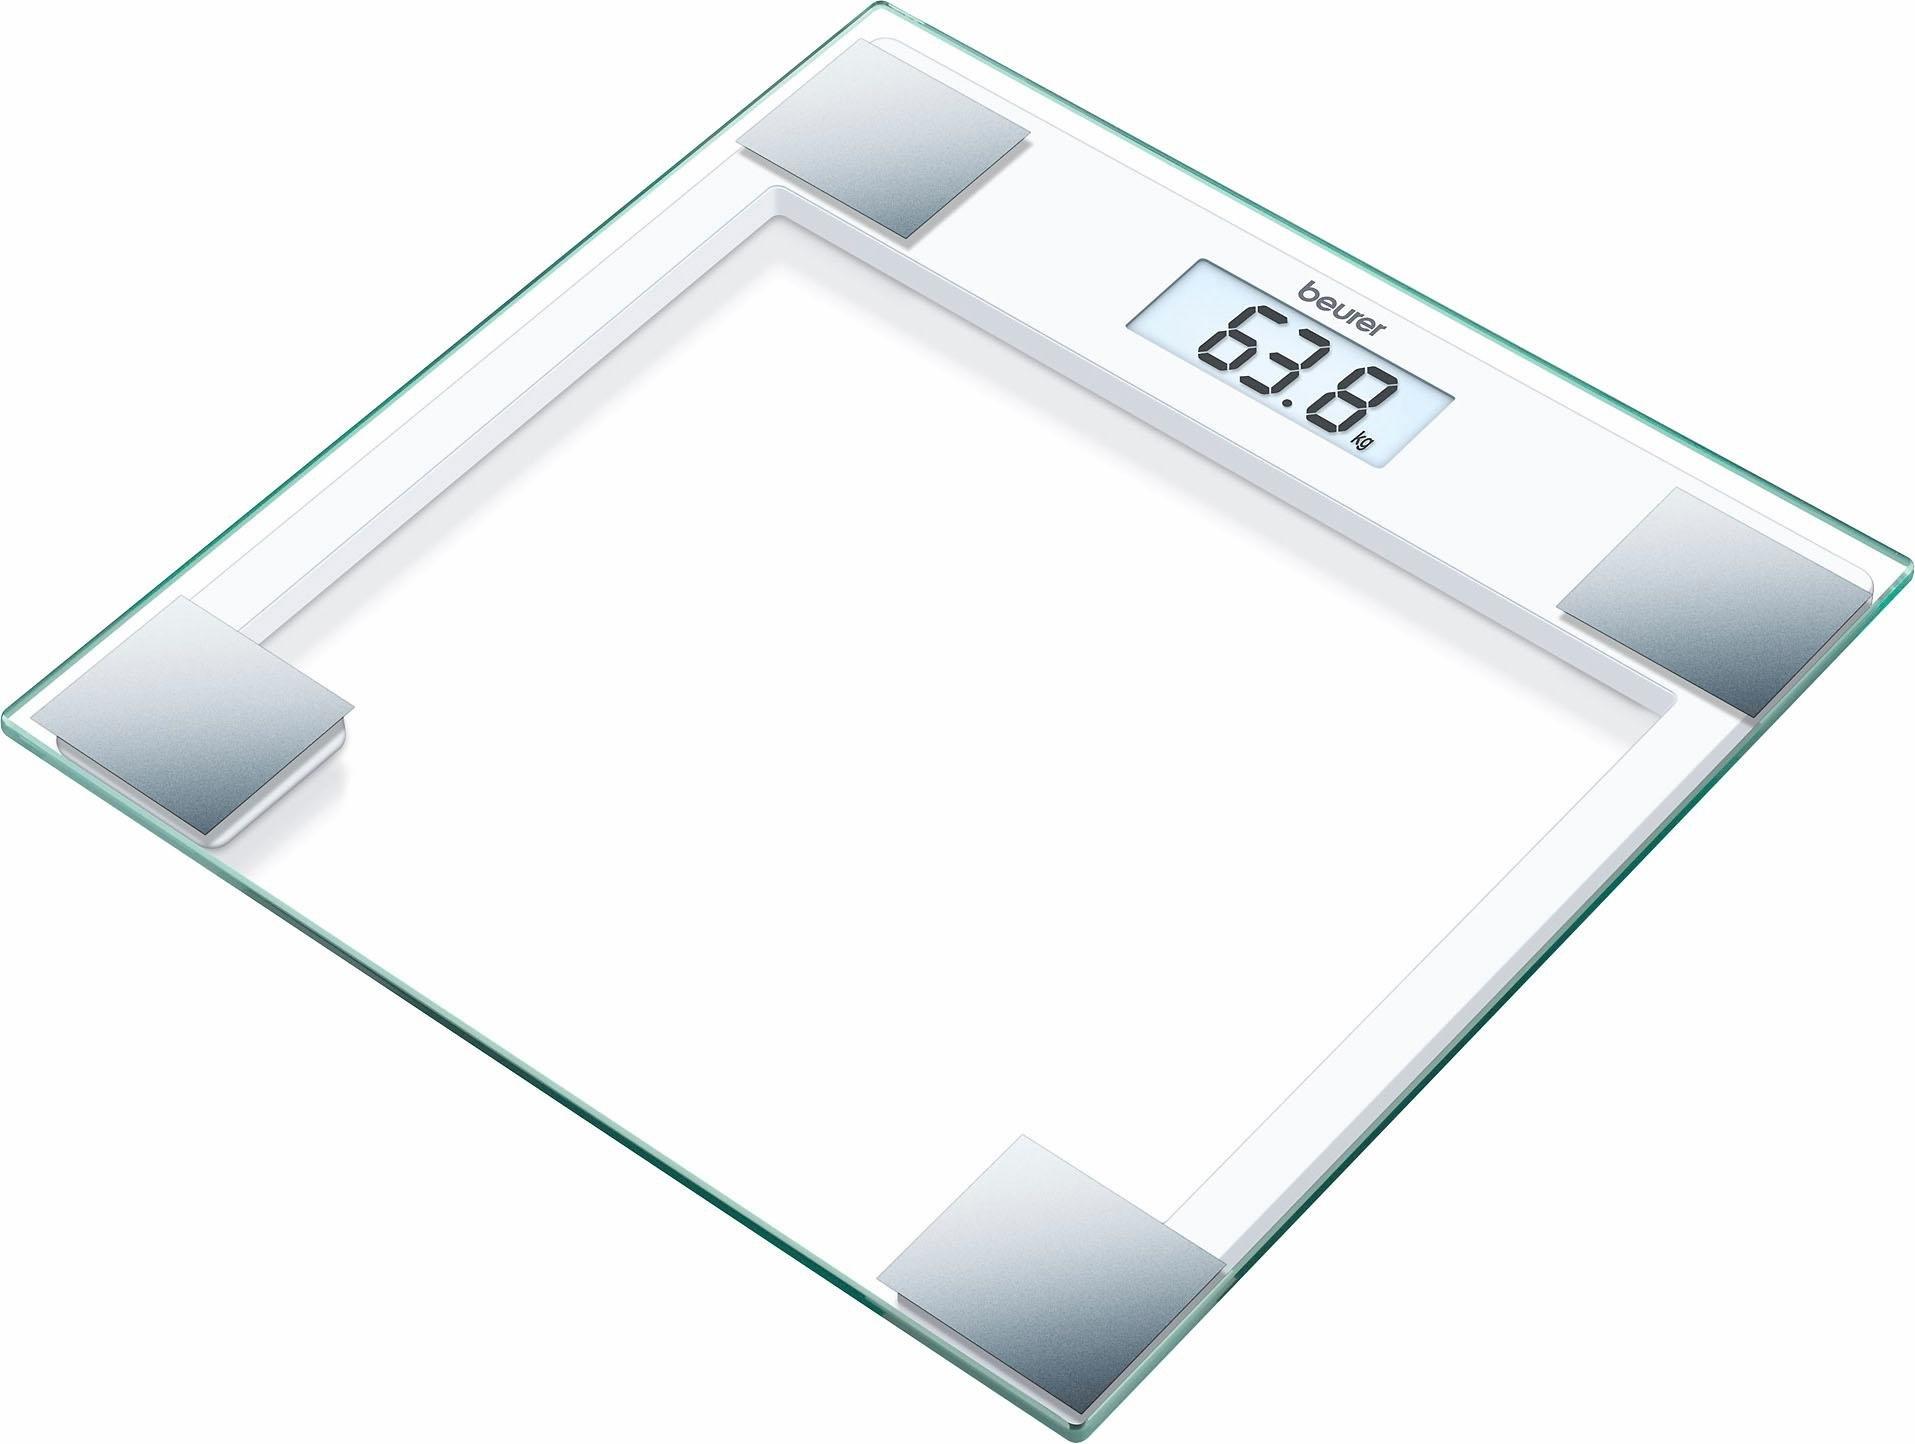 BEURER glazen weegschaal GS 14 in de webshop van OTTO kopen